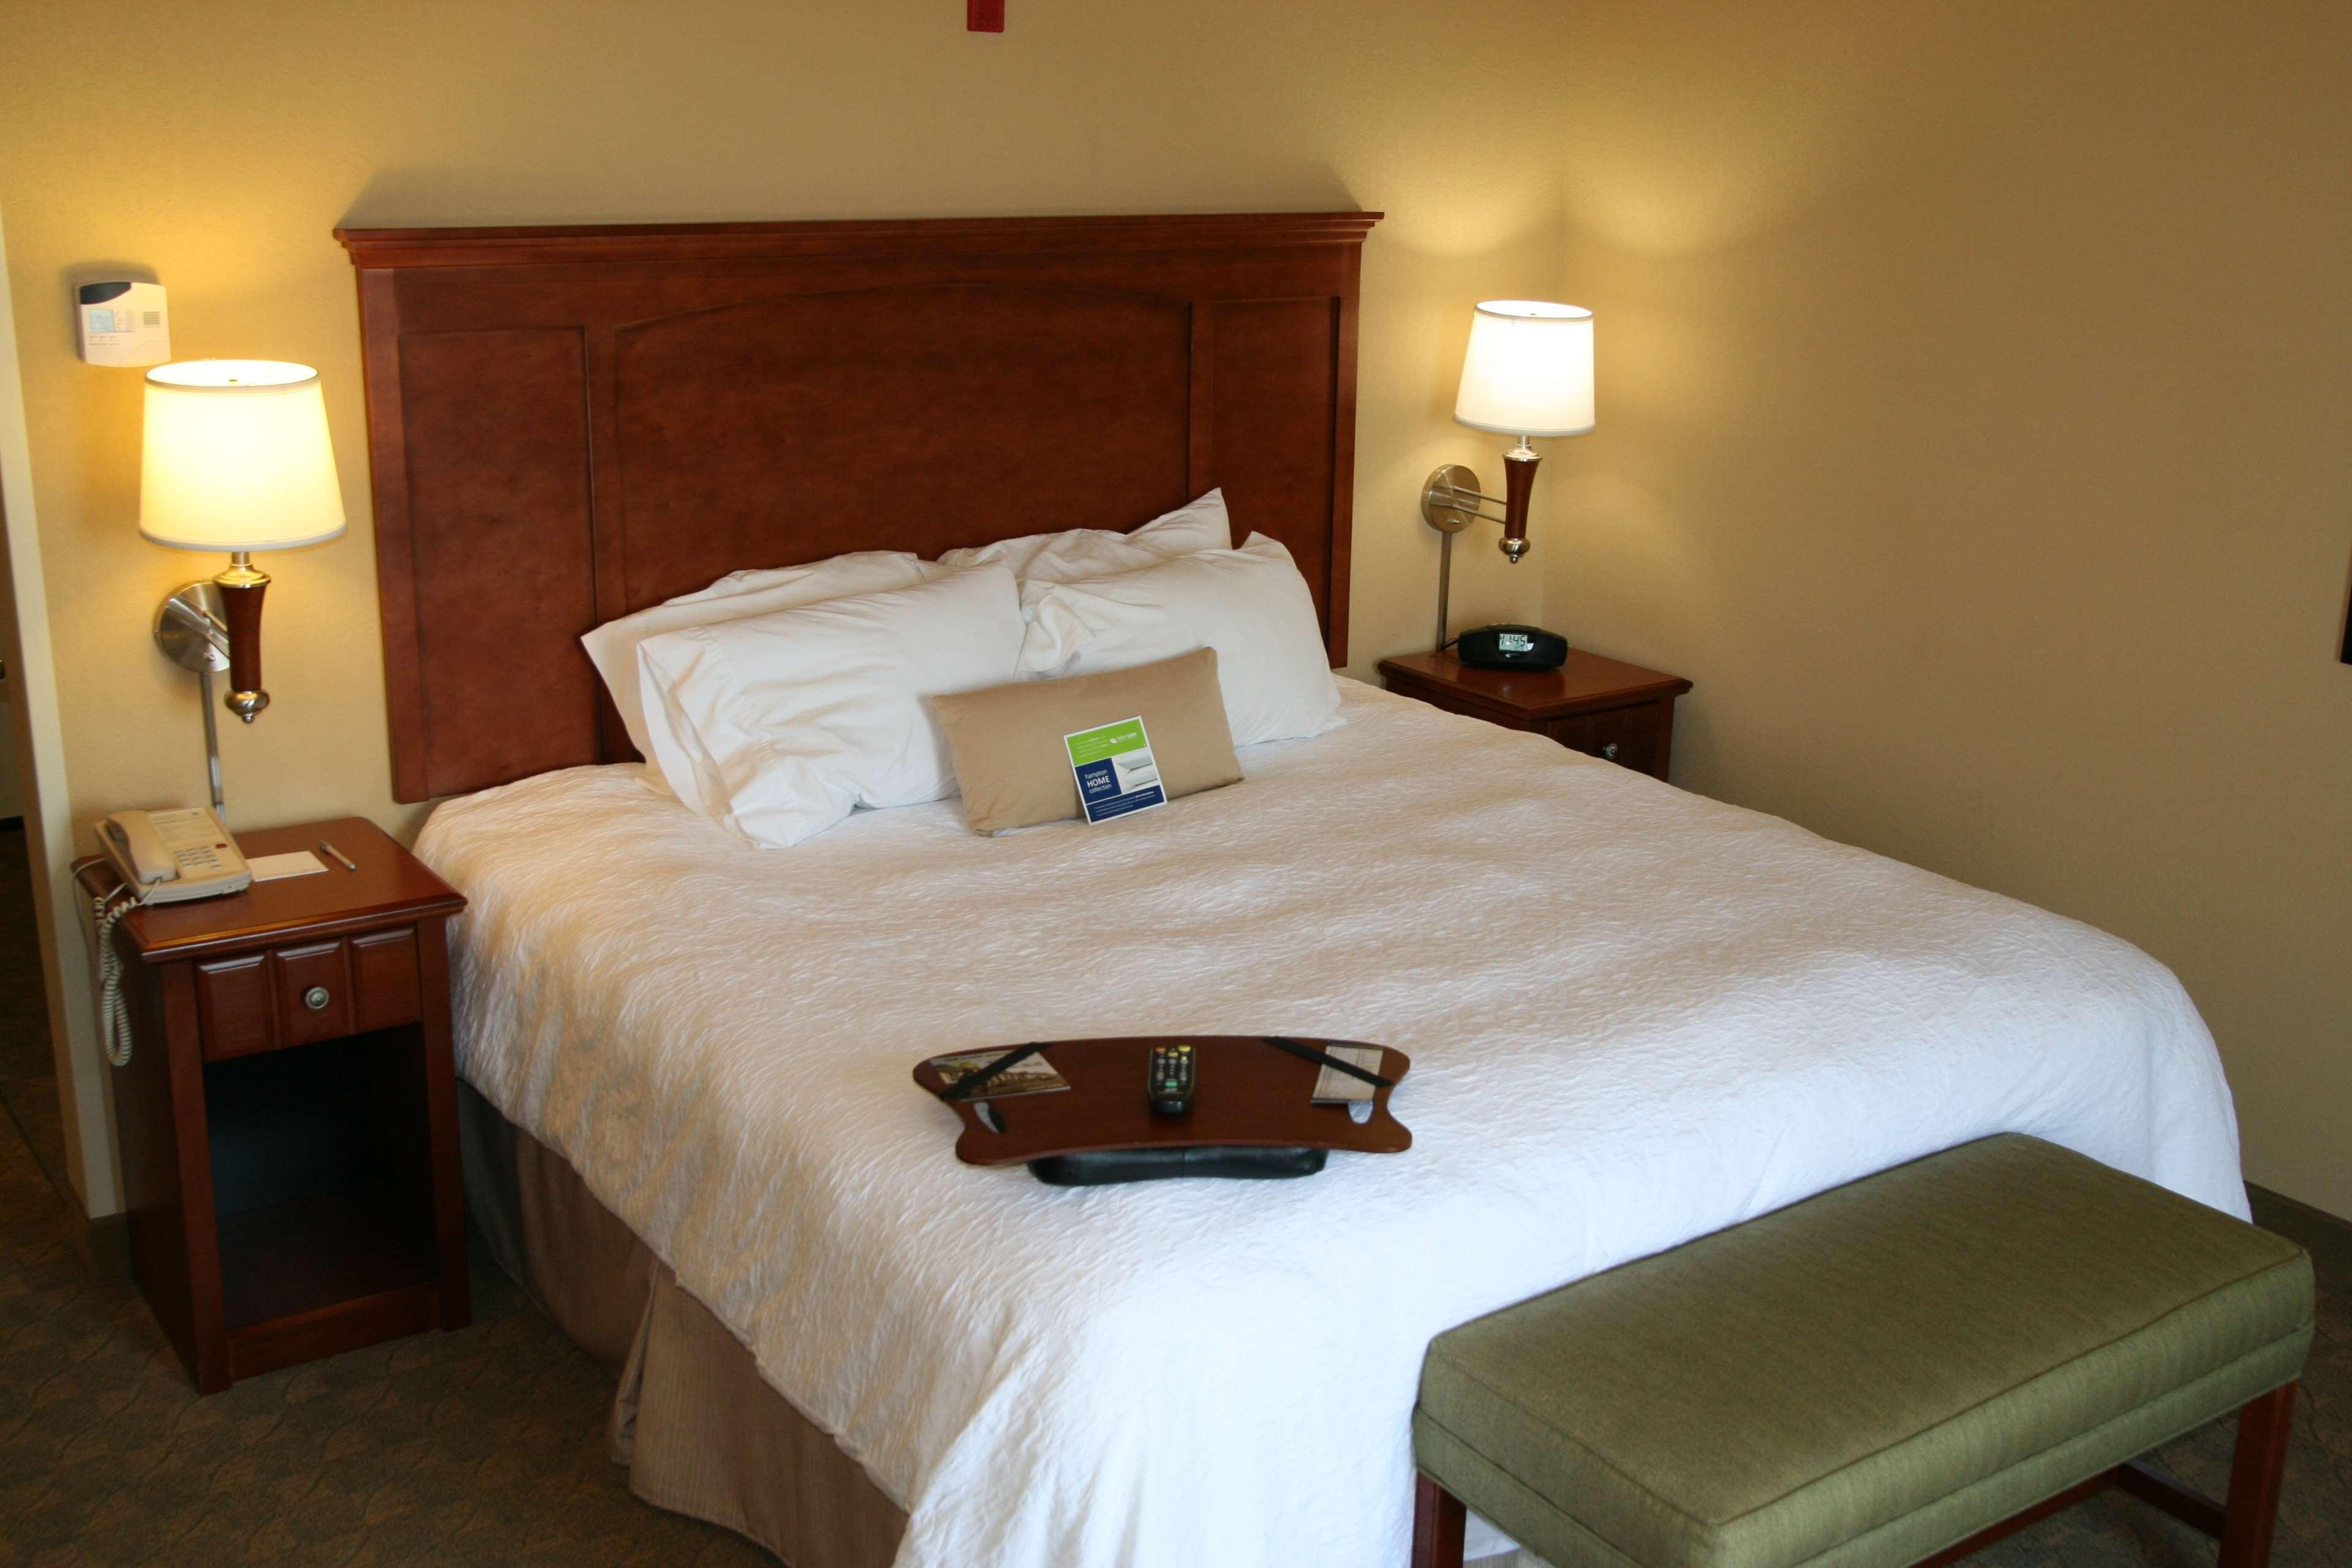 Hampton Inn & Suites Paducah image 19